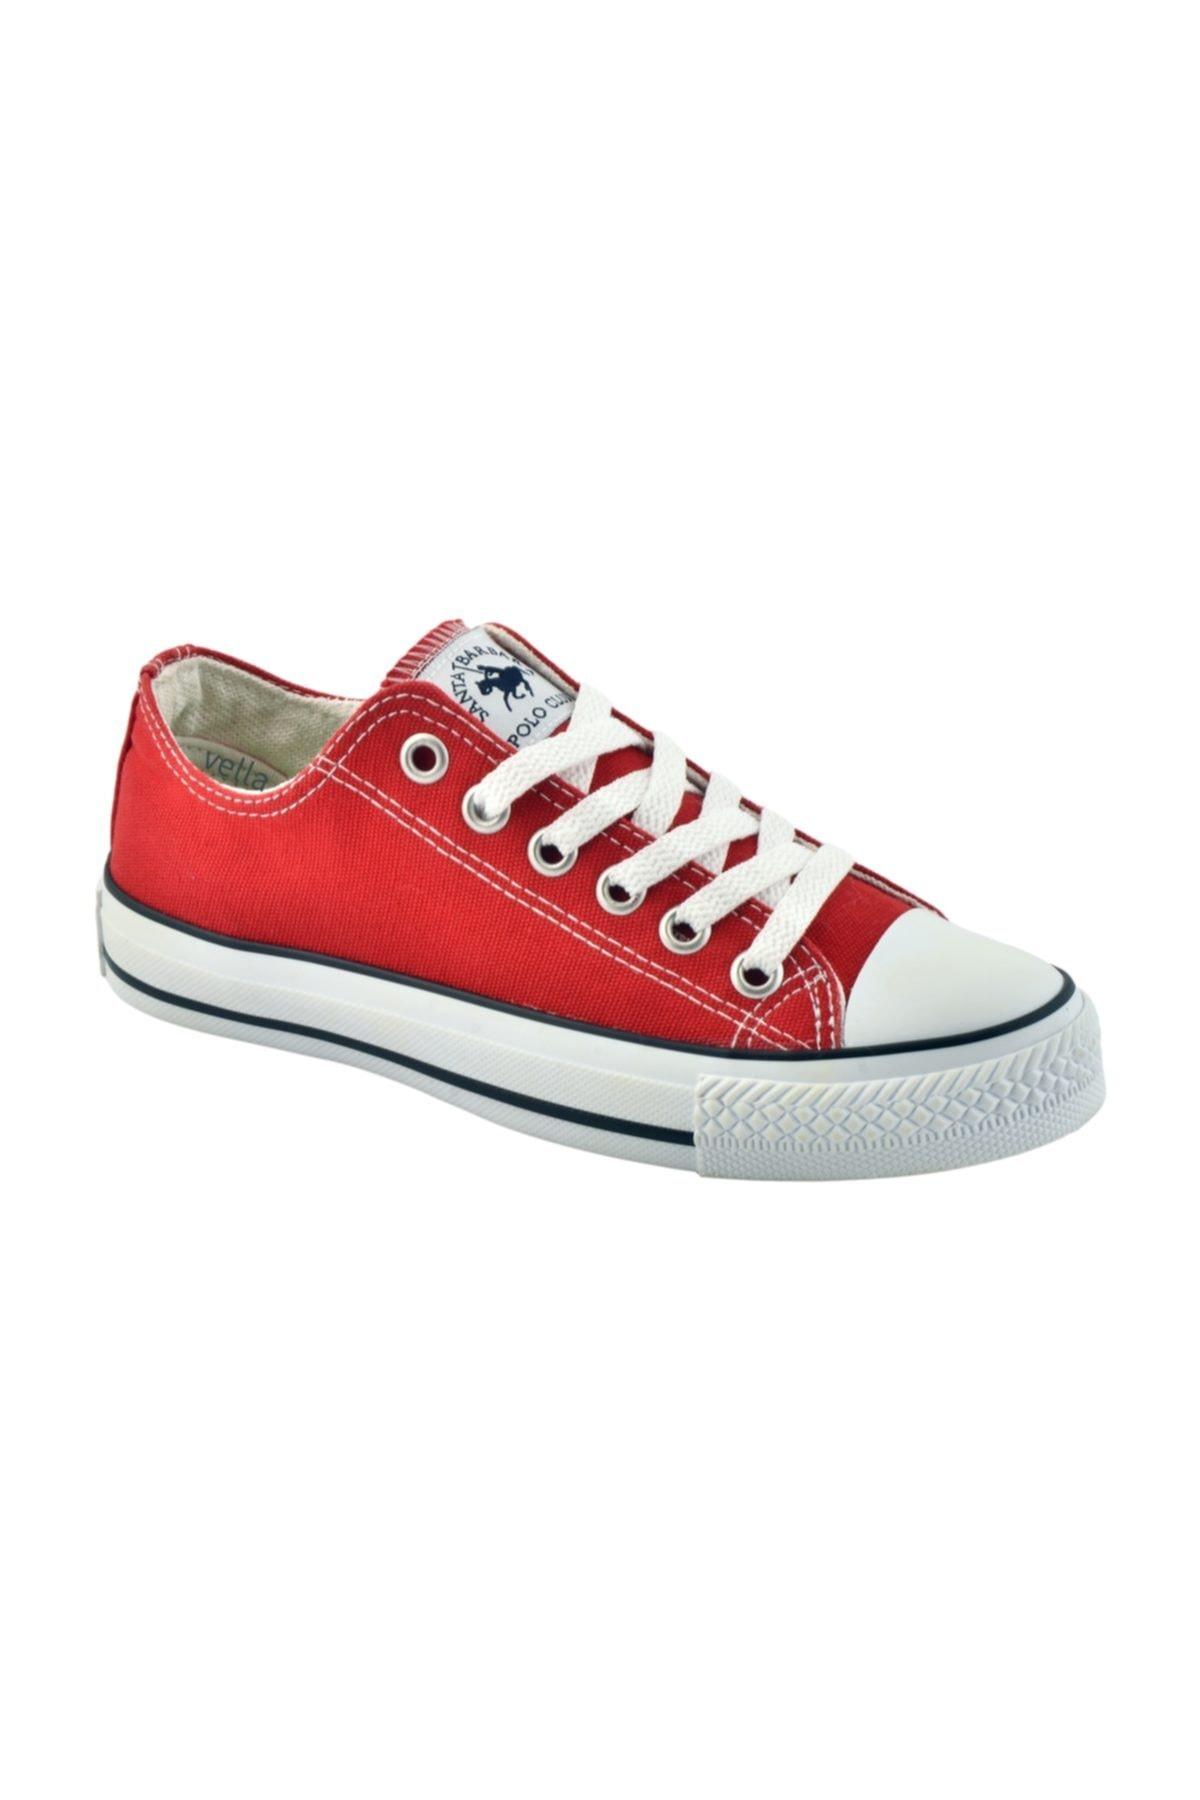 Club Converse Ayakkabı Kırmızı Spc-01